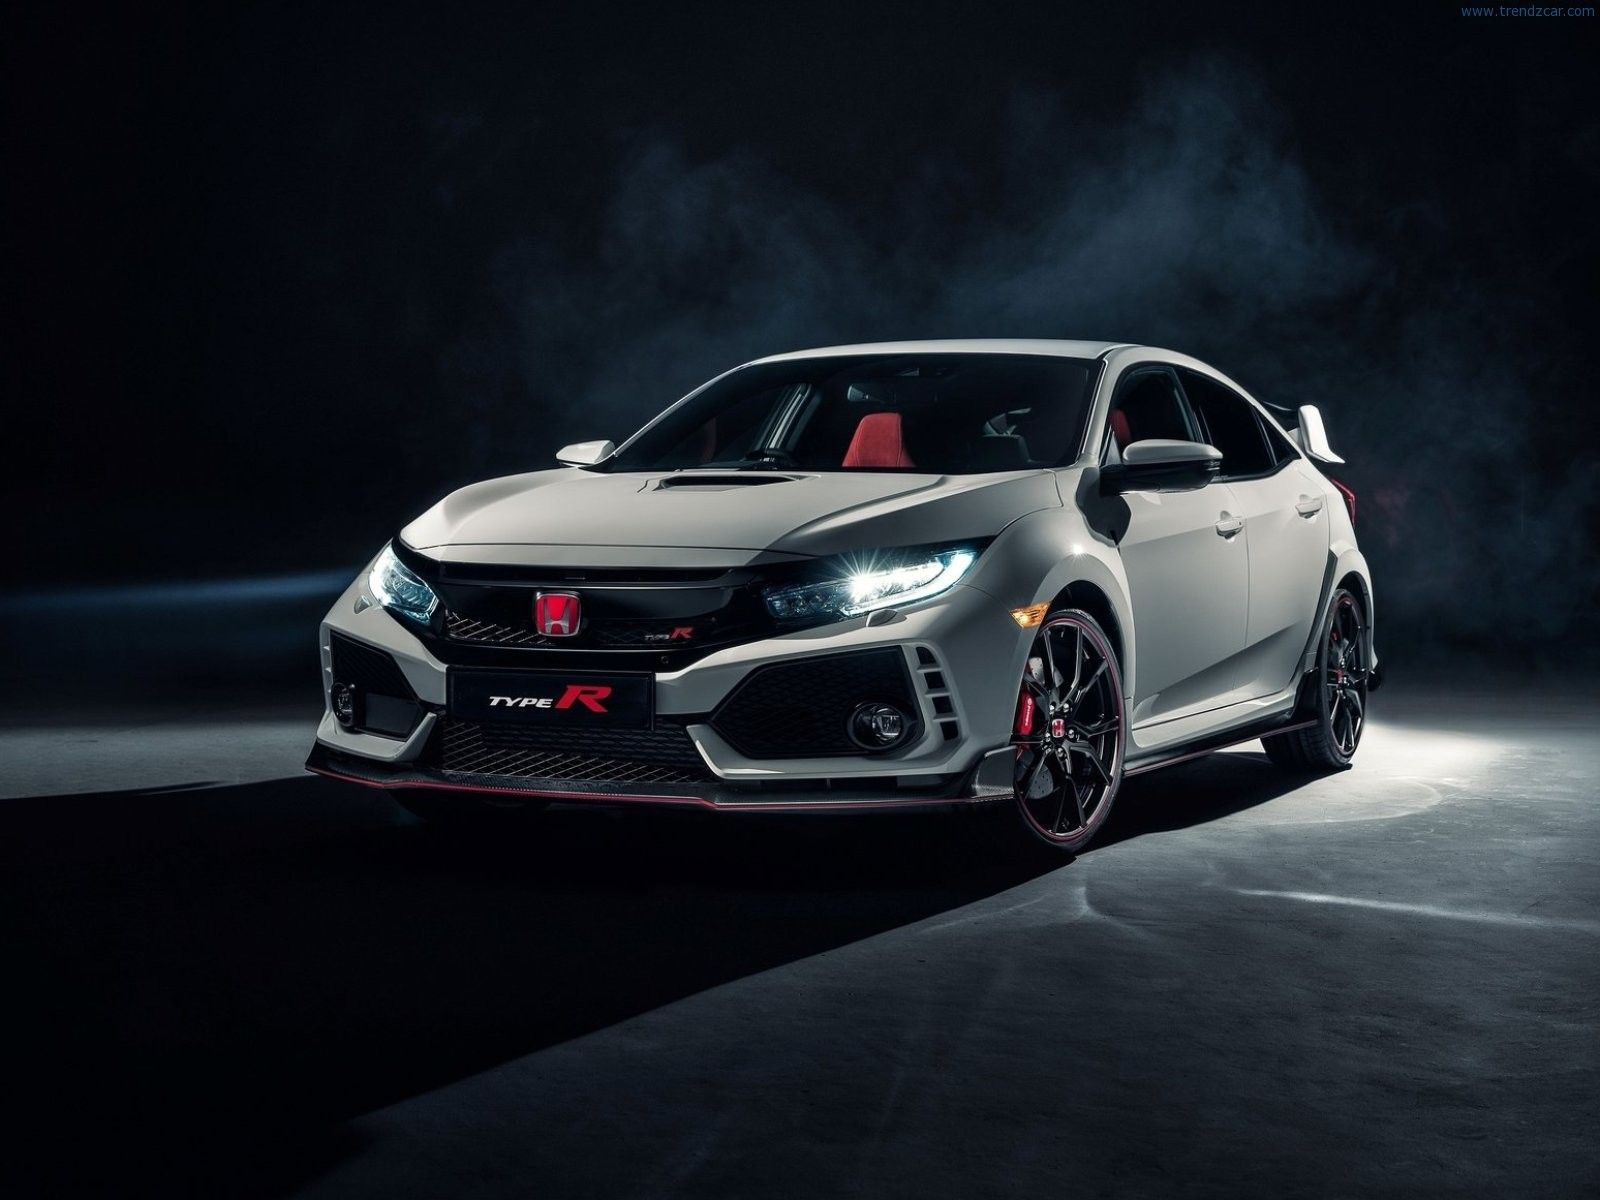 2018 Honda Civic Type R Honda Civic Si Modifikasi Mobil Honda